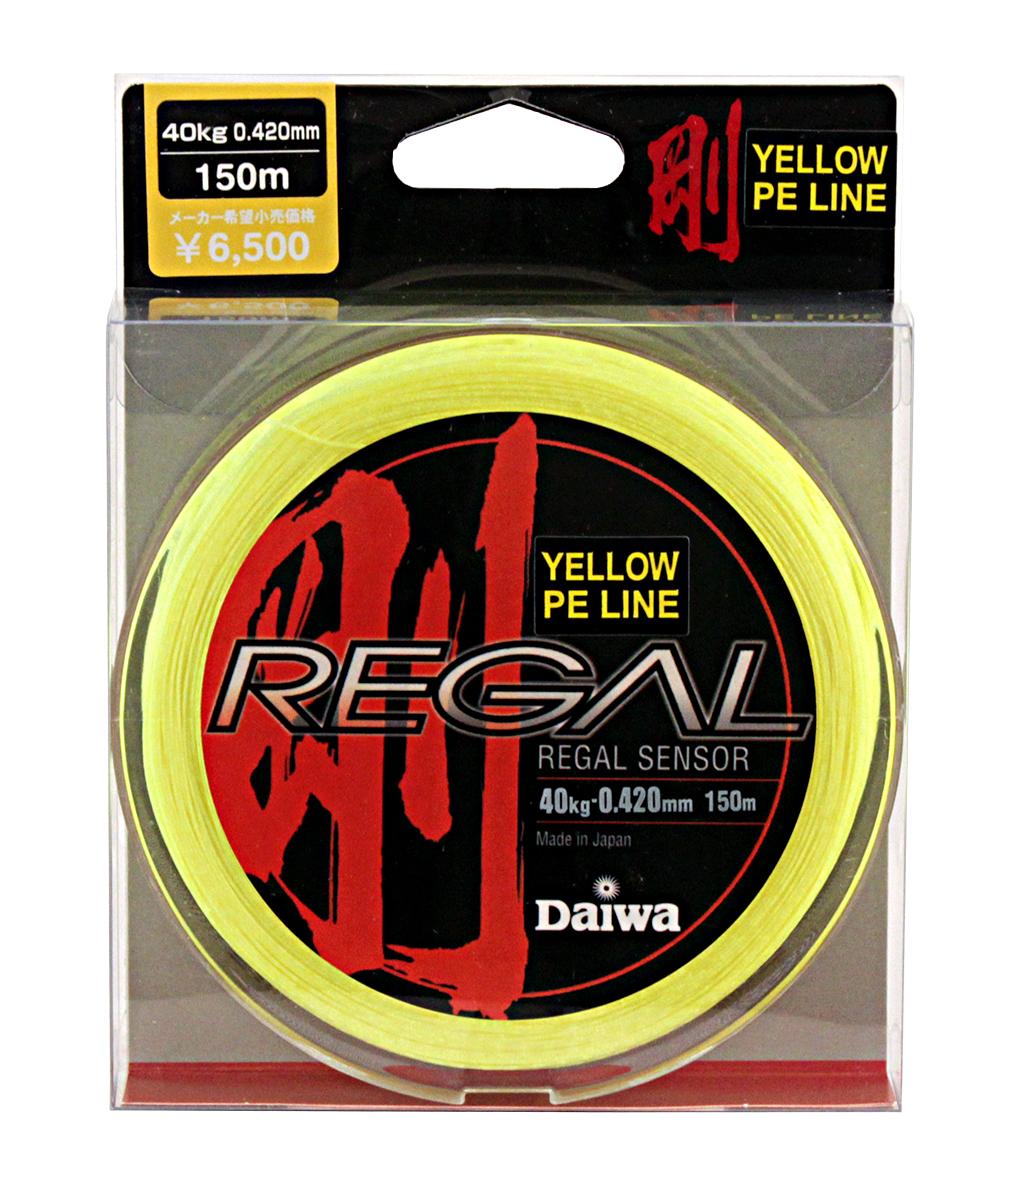 Леска плетеная Daiwa Regal Sensor, цвет: желтый, 0,42 мм, 150 м0028268Леска плетеная Daiwa Regal Sensor выполнена из материала Super PE. Она менее эластичная для достижения большейчувствительности. Способность выдерживать большие разрывные нагрузки позволяет выбирать более тонкий диаметр лески, что увеличивает чувствительность и дальность заброса.